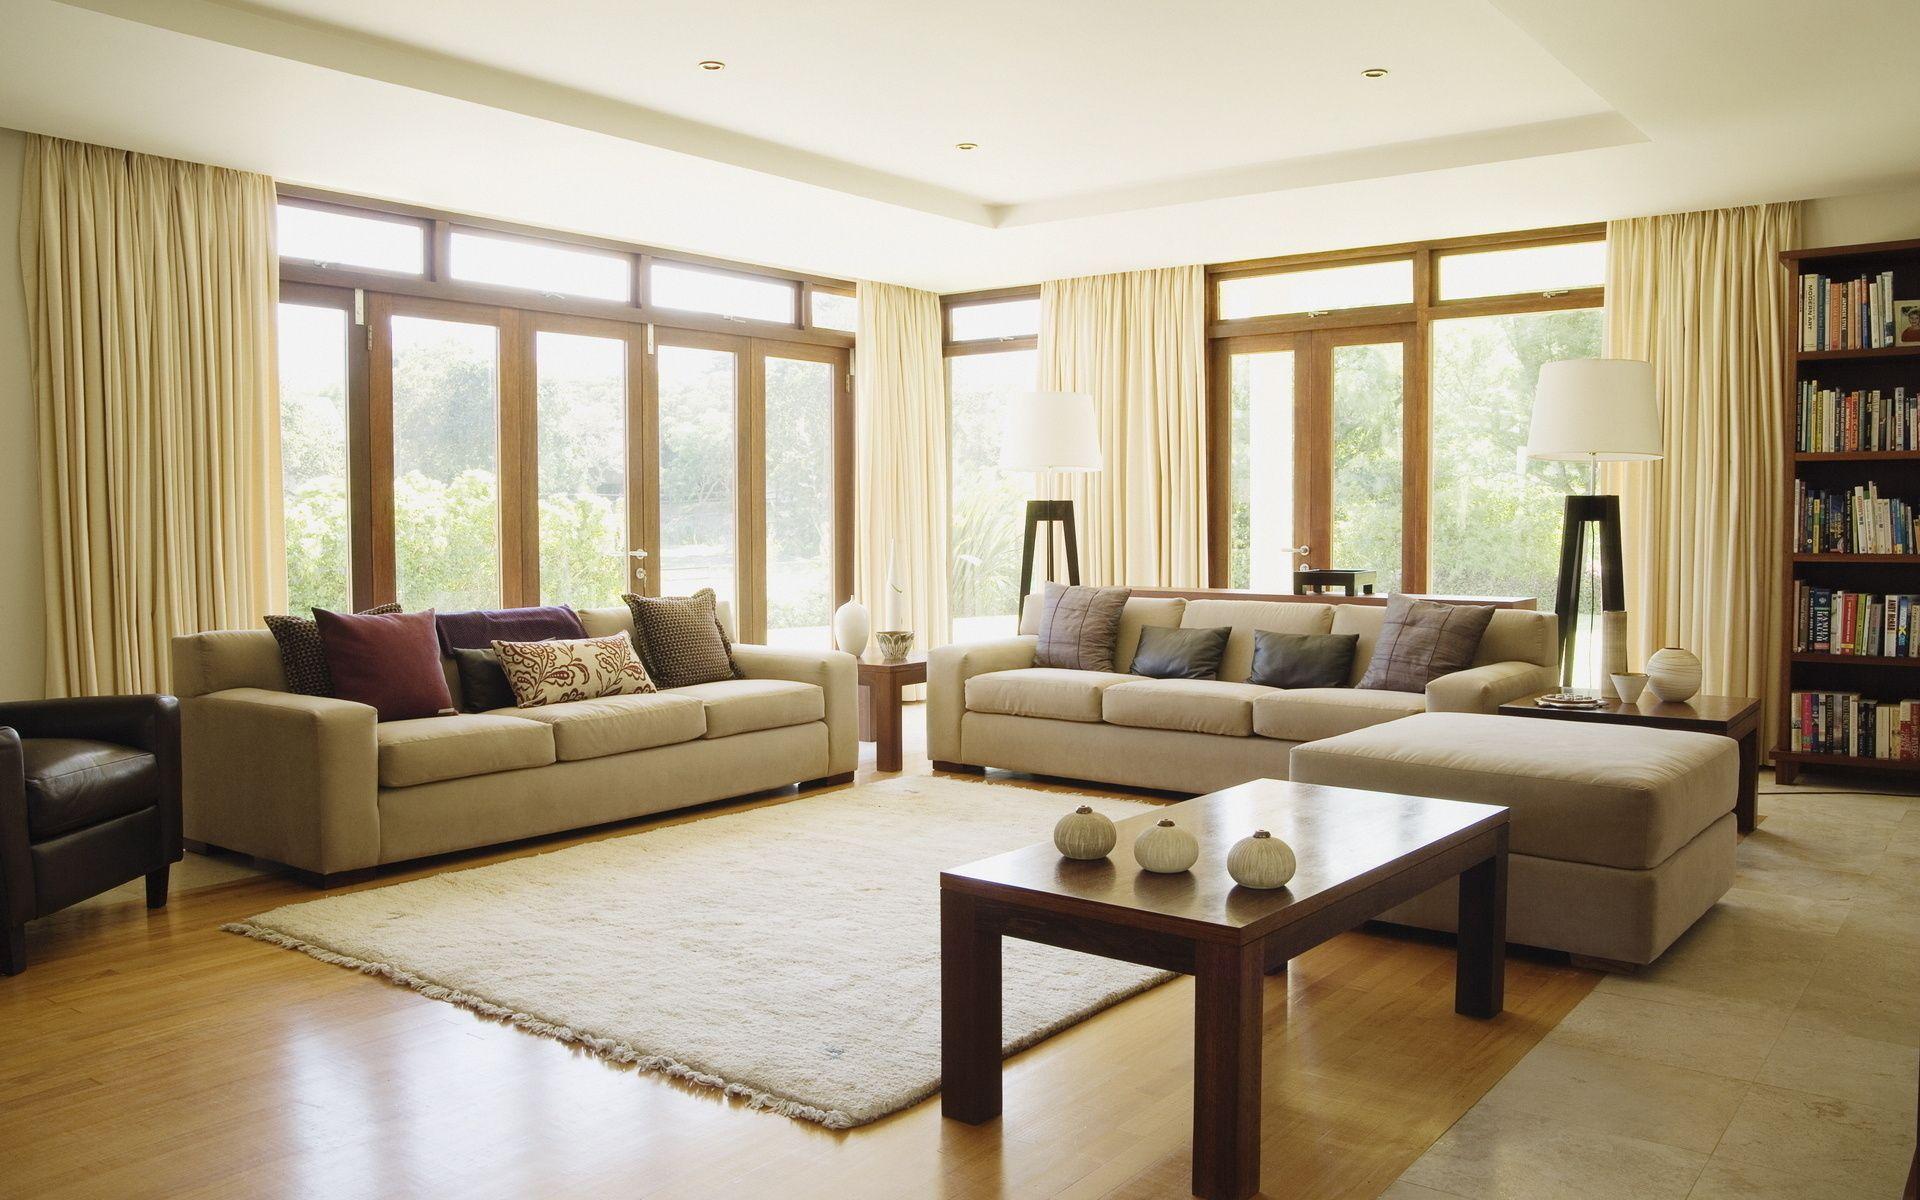 Вариант расстановки мебели в гостиной с двумя окнами